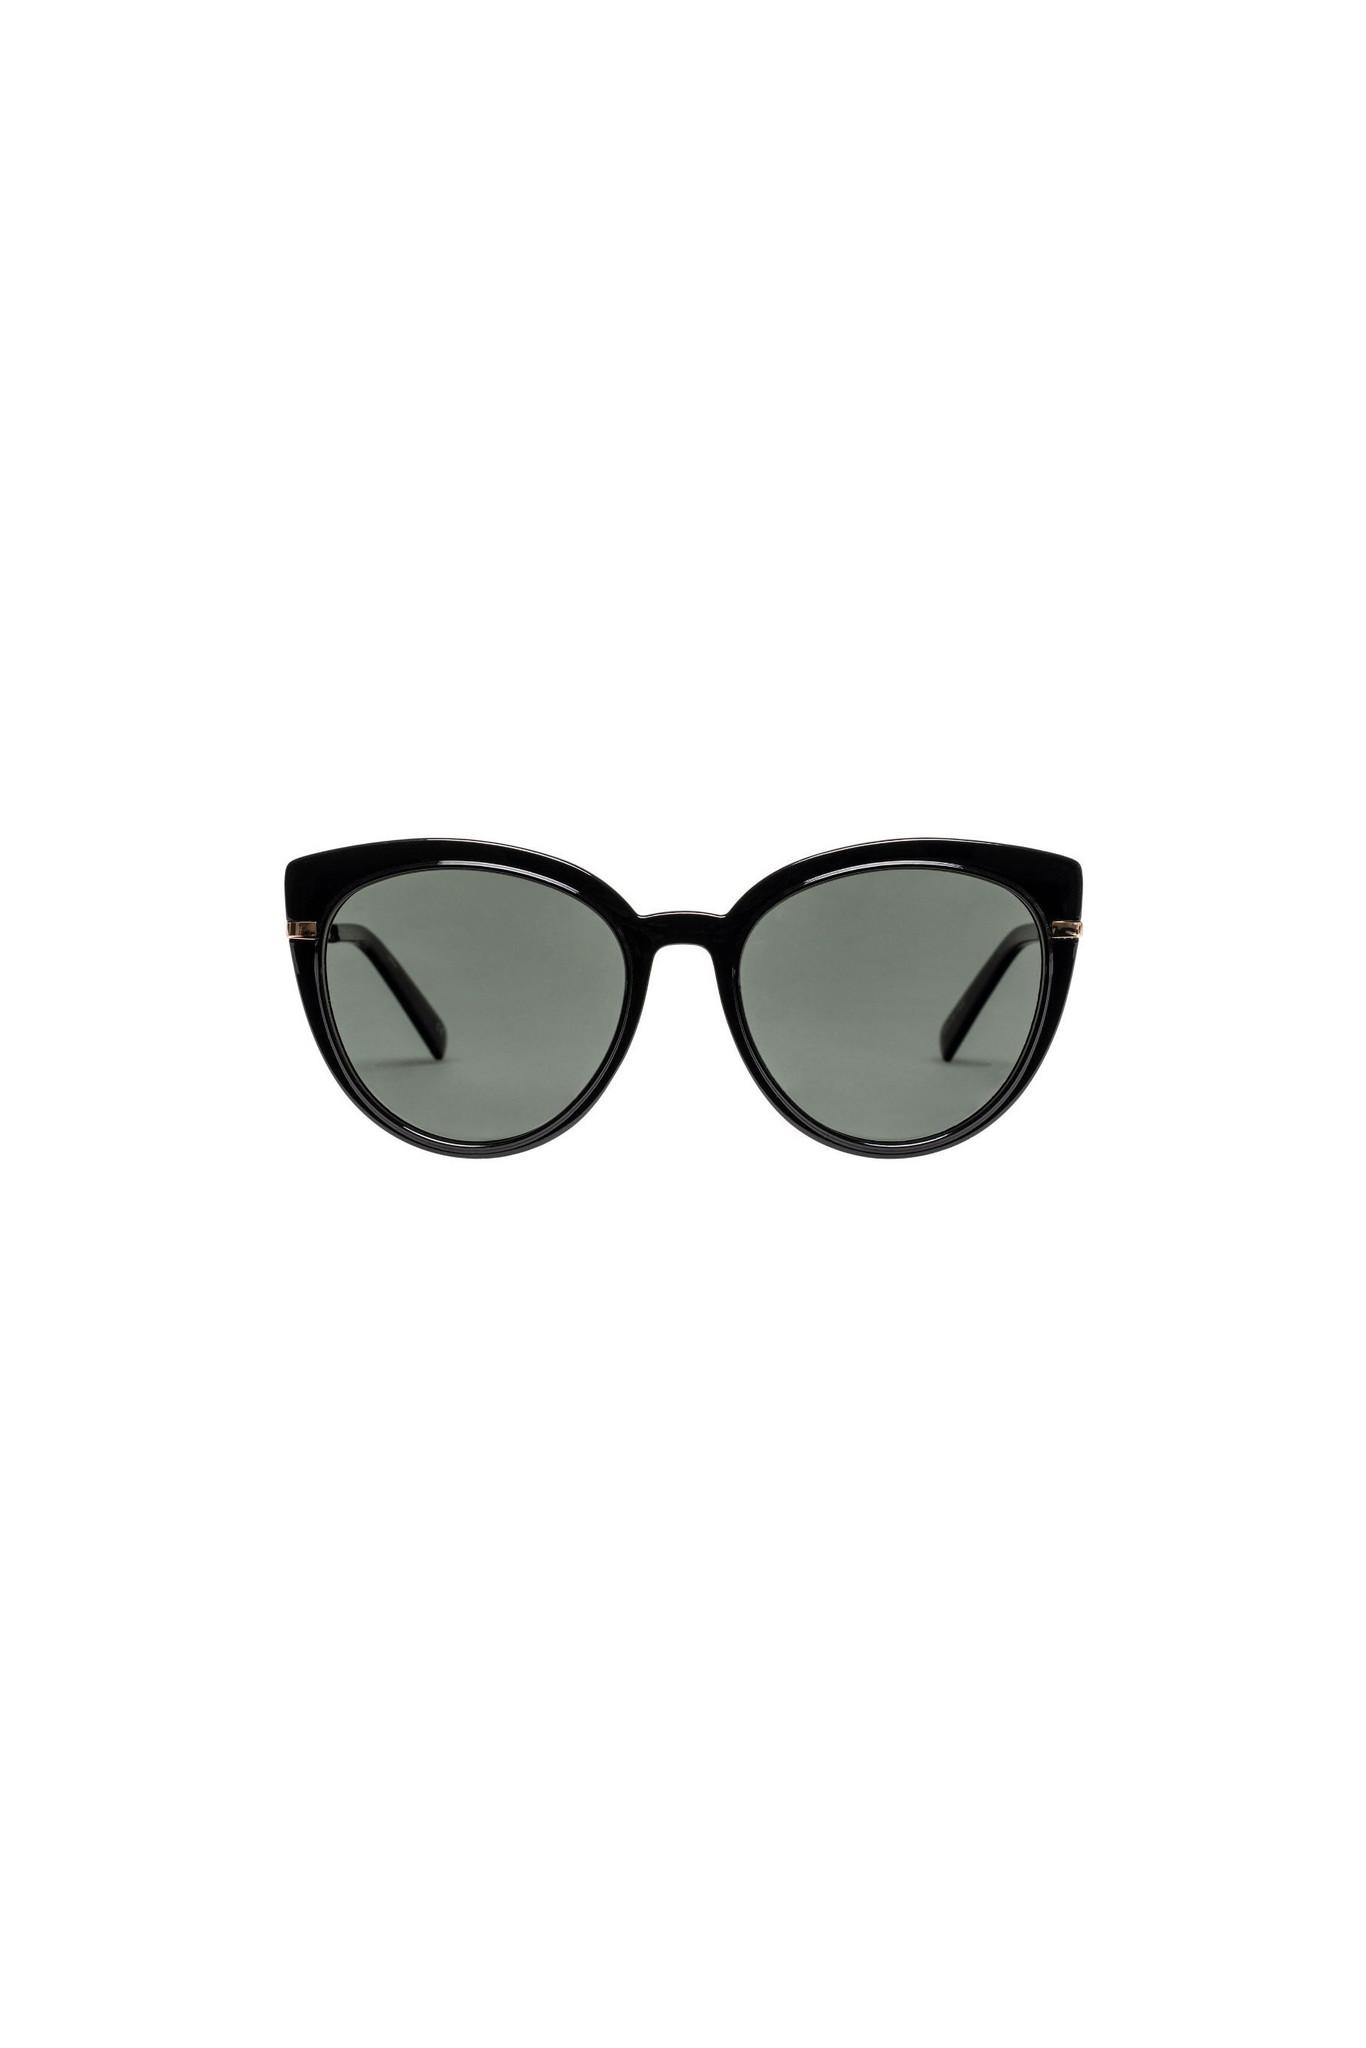 Le Specs Promiscuous *Polarized* - Black